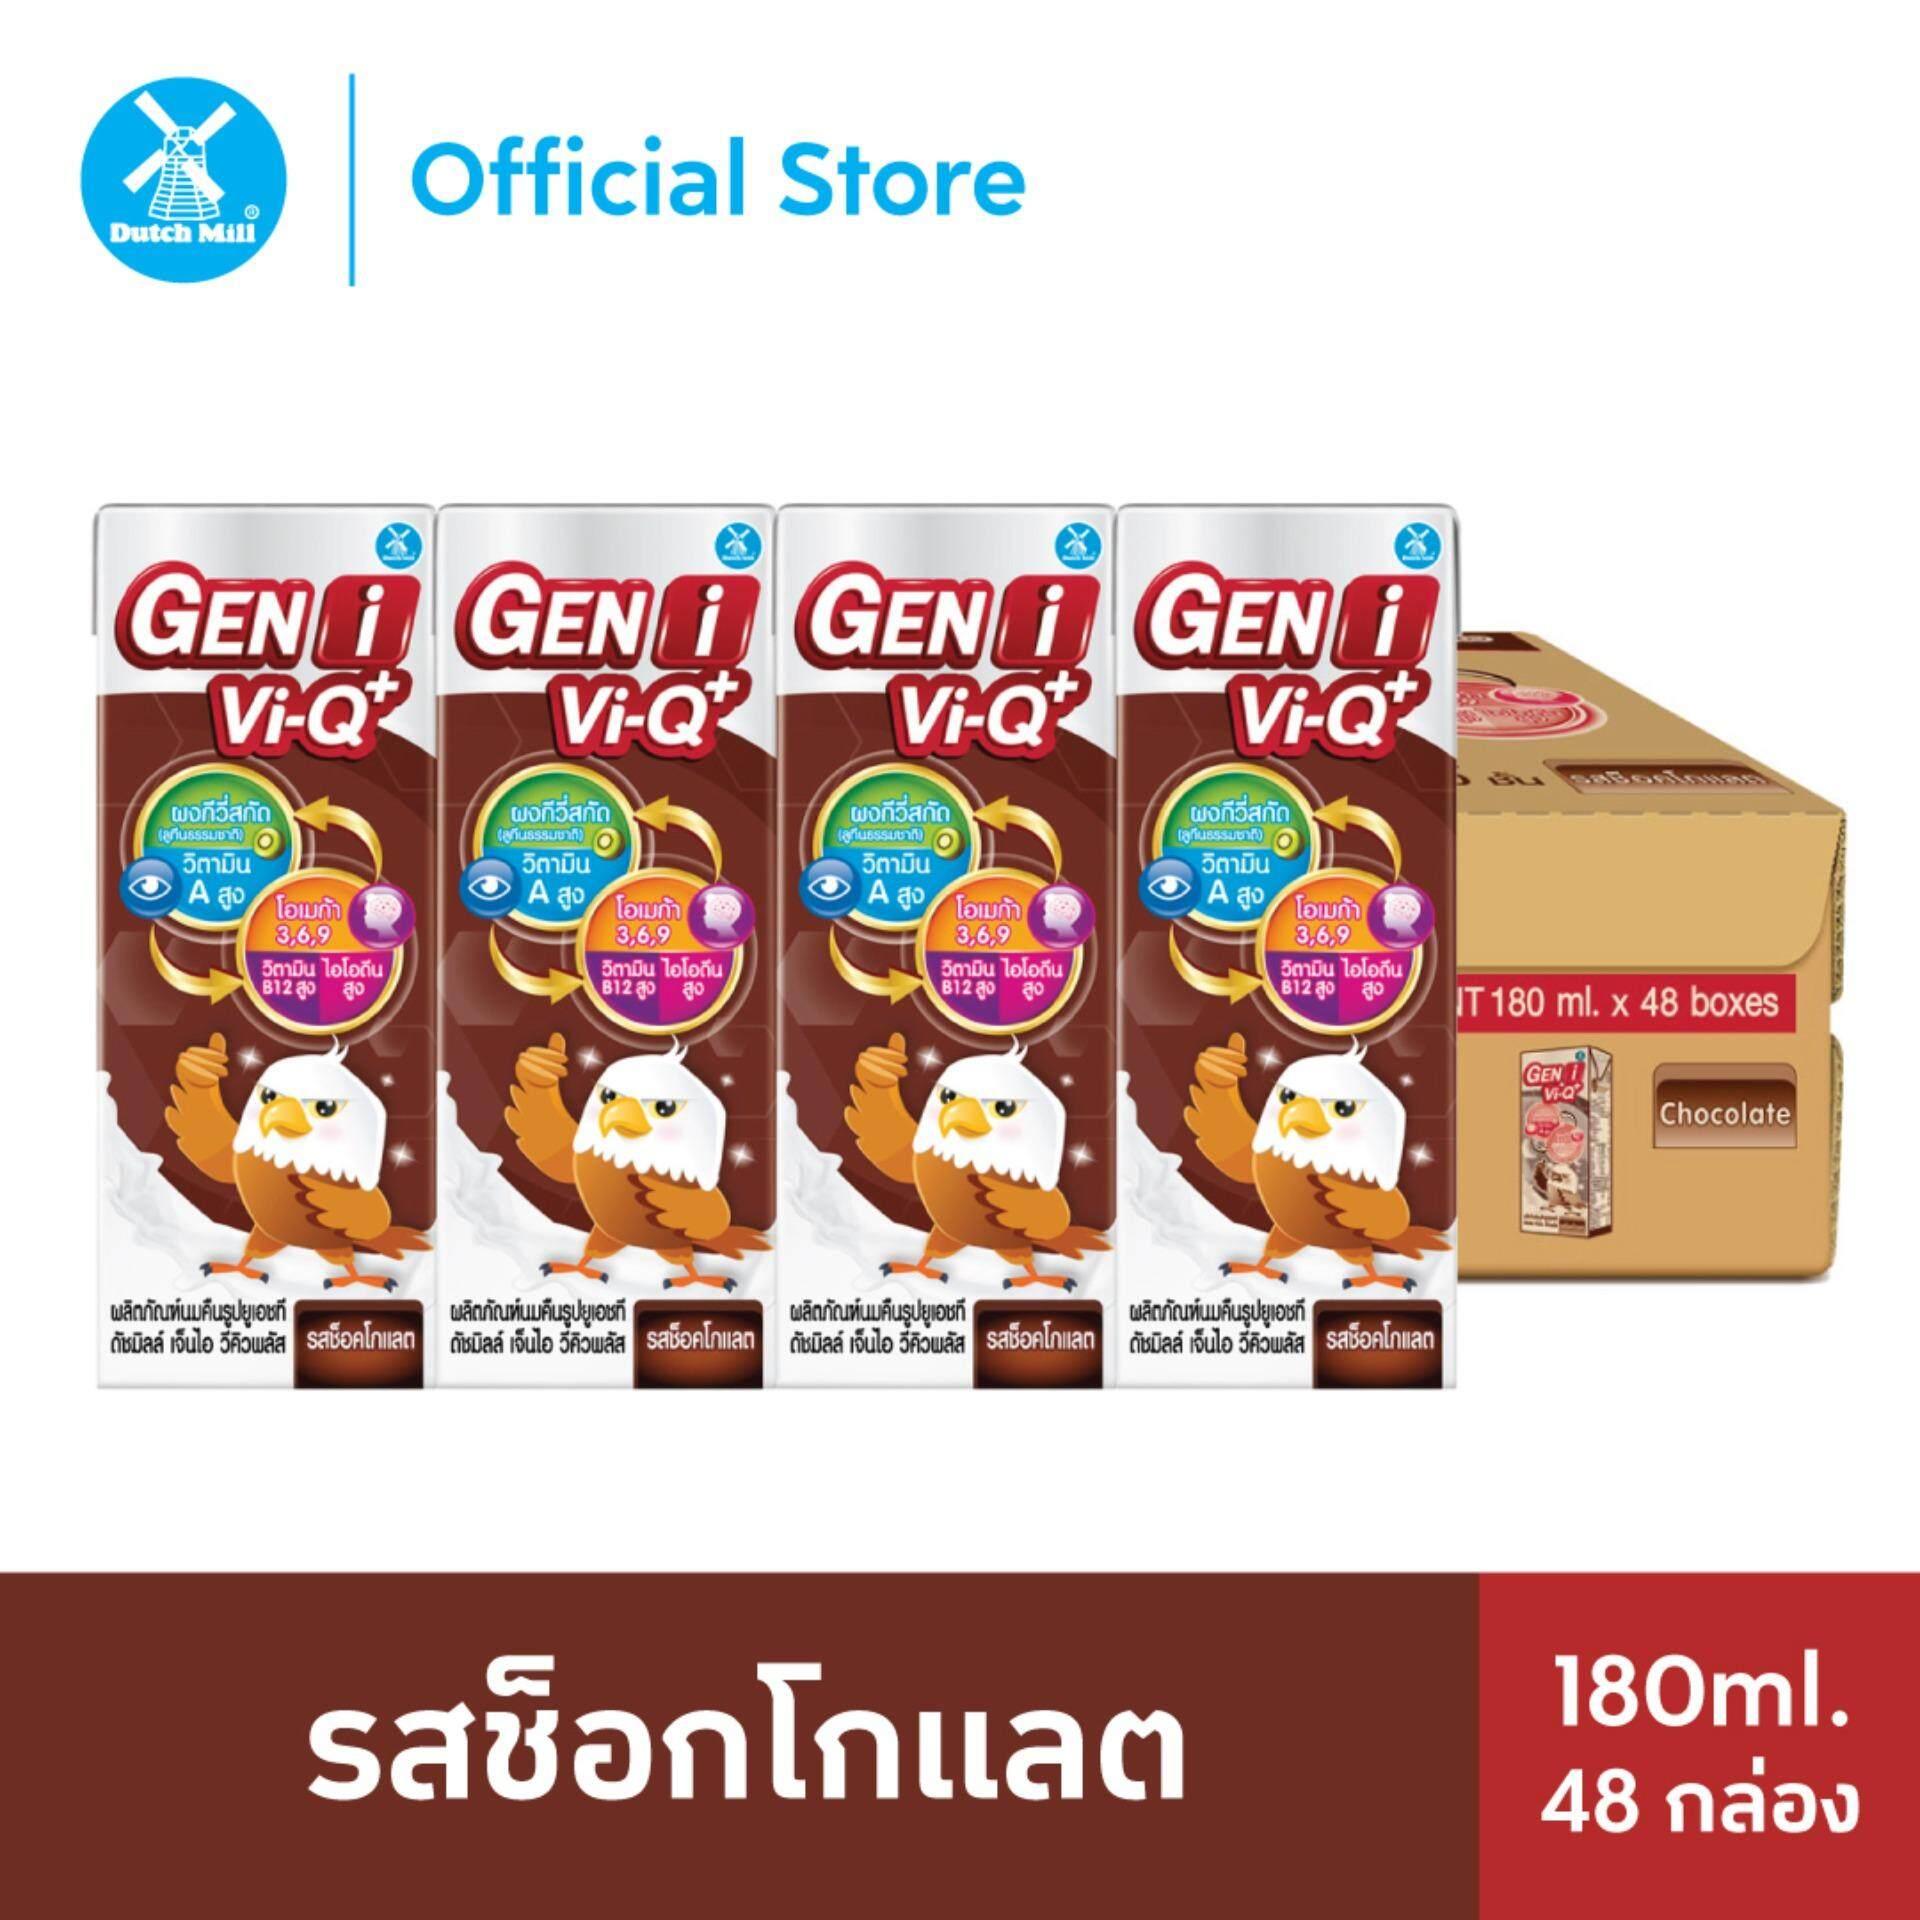 ขายยกลัง Geni นมยูเอชทีเจ็นไอ รสช็อกโกแลต 180 มล. (48 กล่อง/ลัง)   รีวิว ของแท้